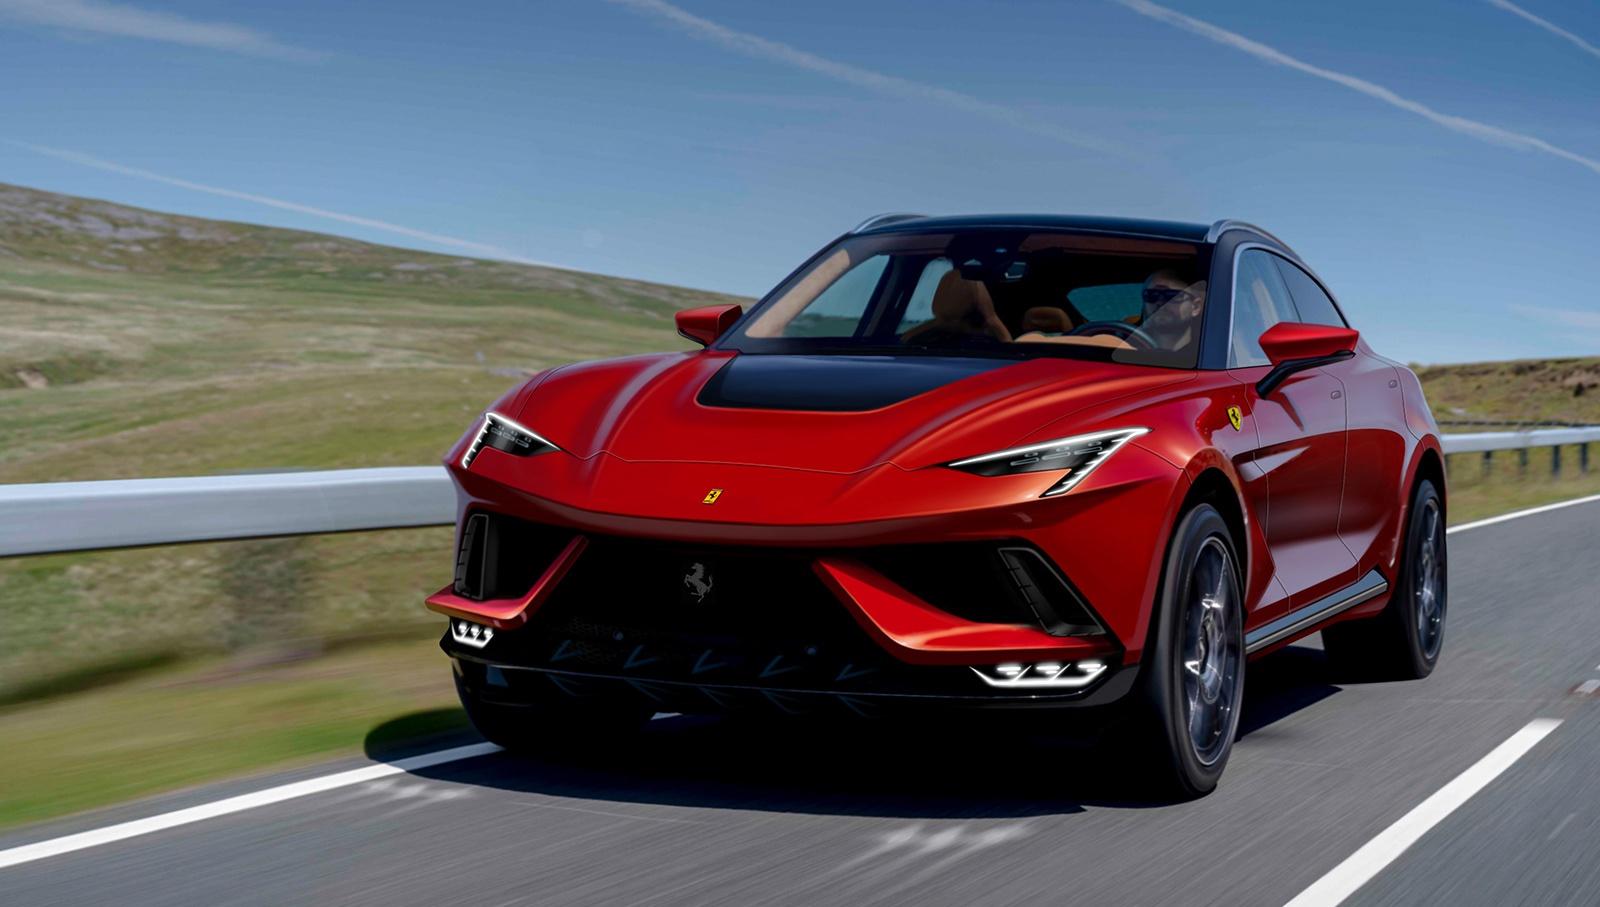 Sieu SUV cua Ferrari lo dien anh 1